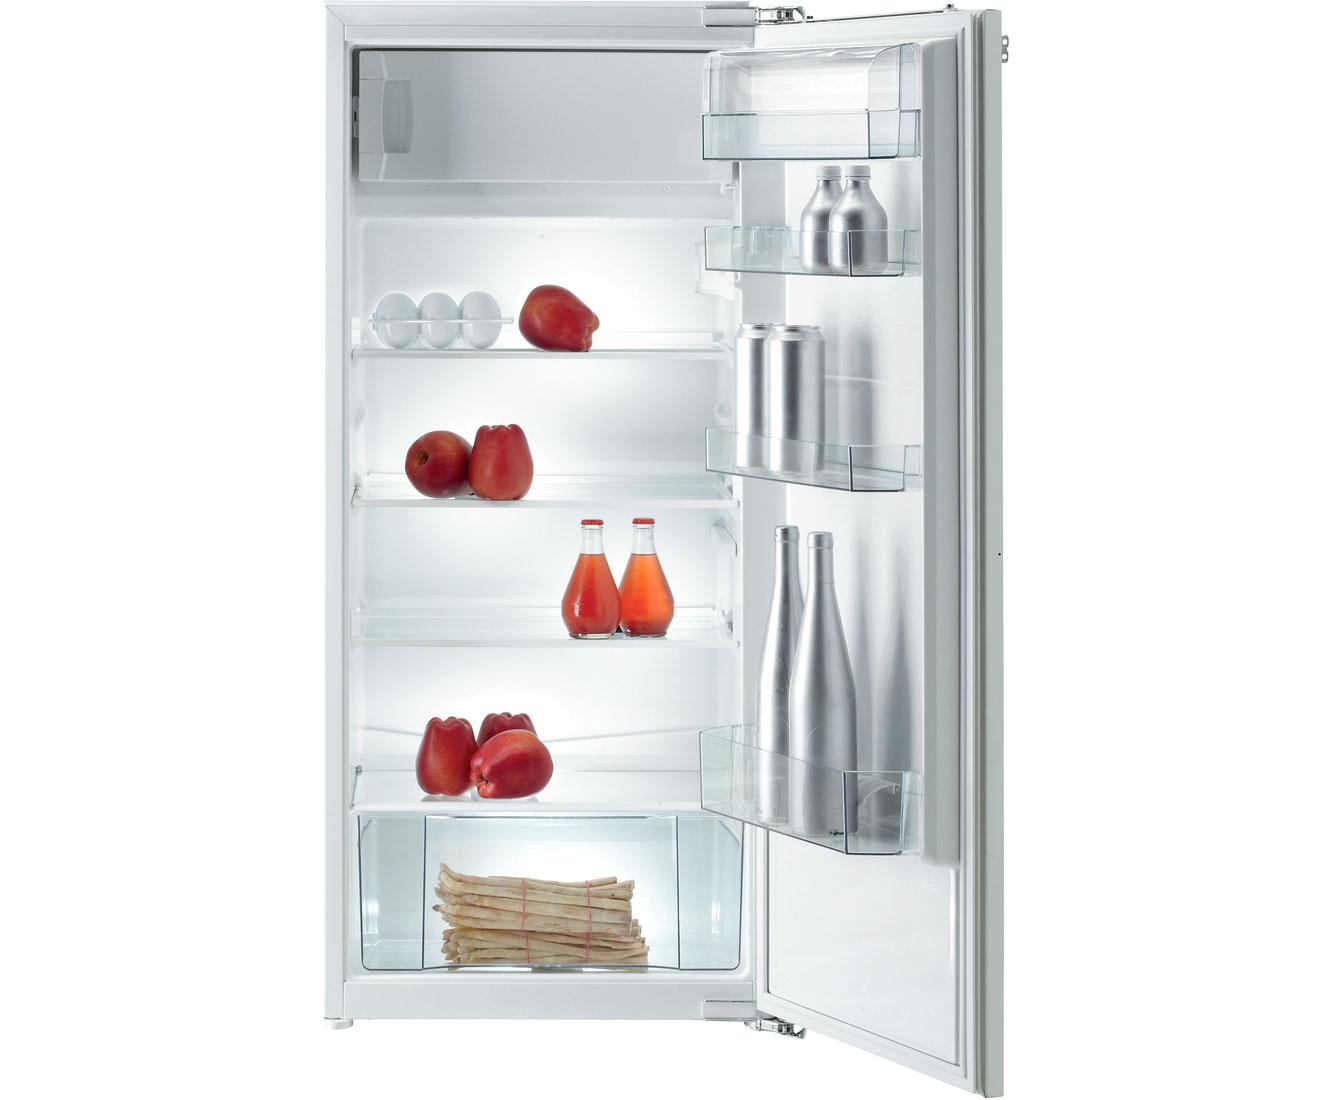 Smeg Kühlschrank Zweitürig : Smeg kühlschrank piept dometic kühlschrank wohnmobil piept dometic